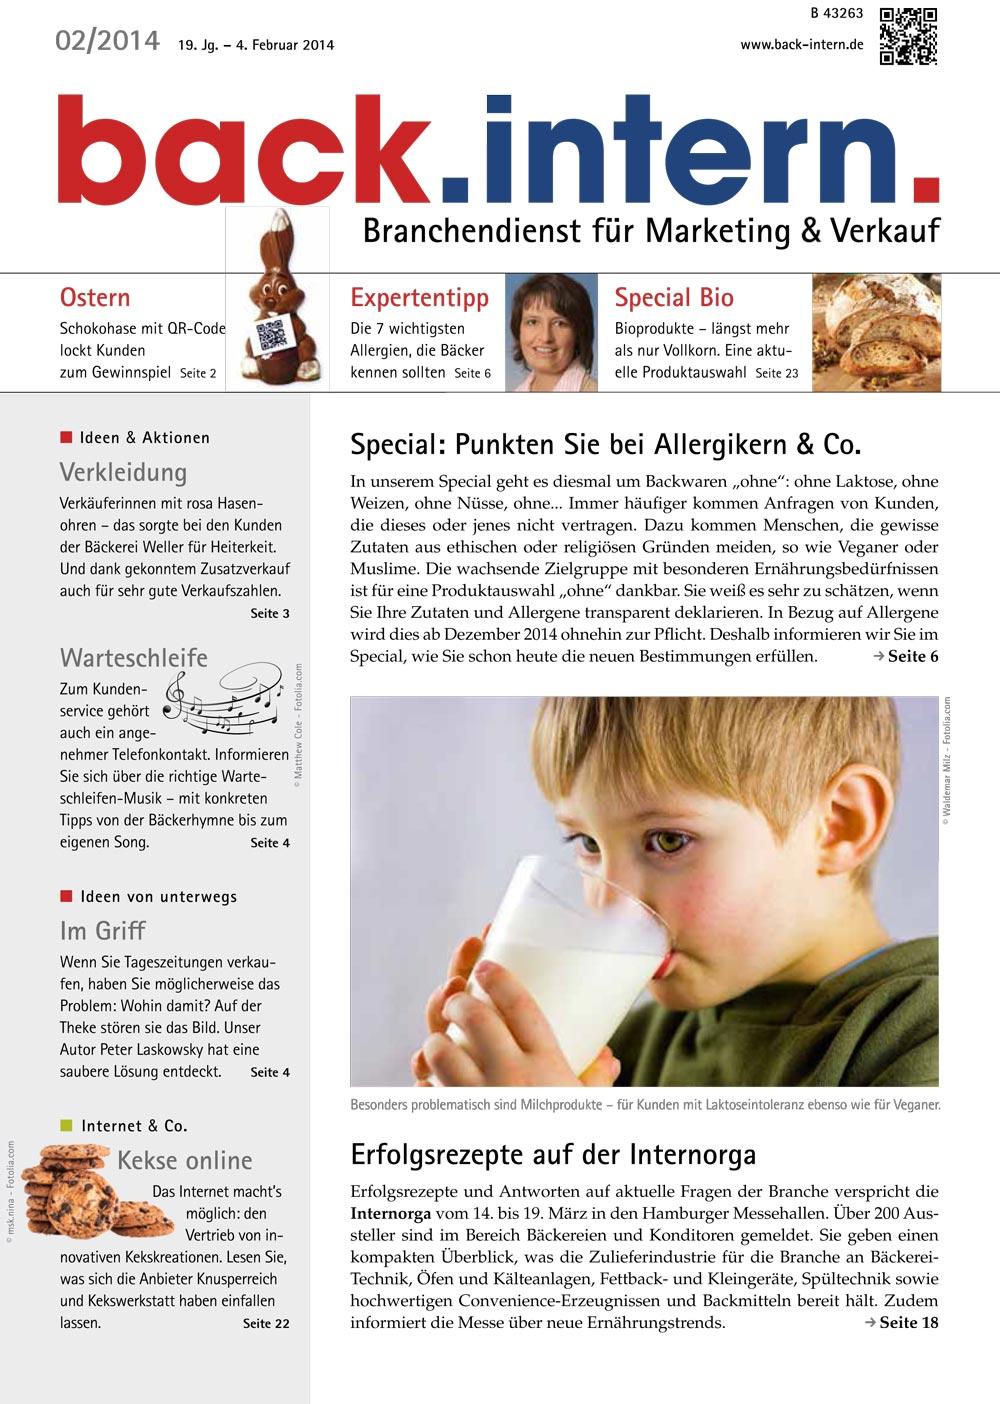 Allergiker & Allergenkennzeichnung